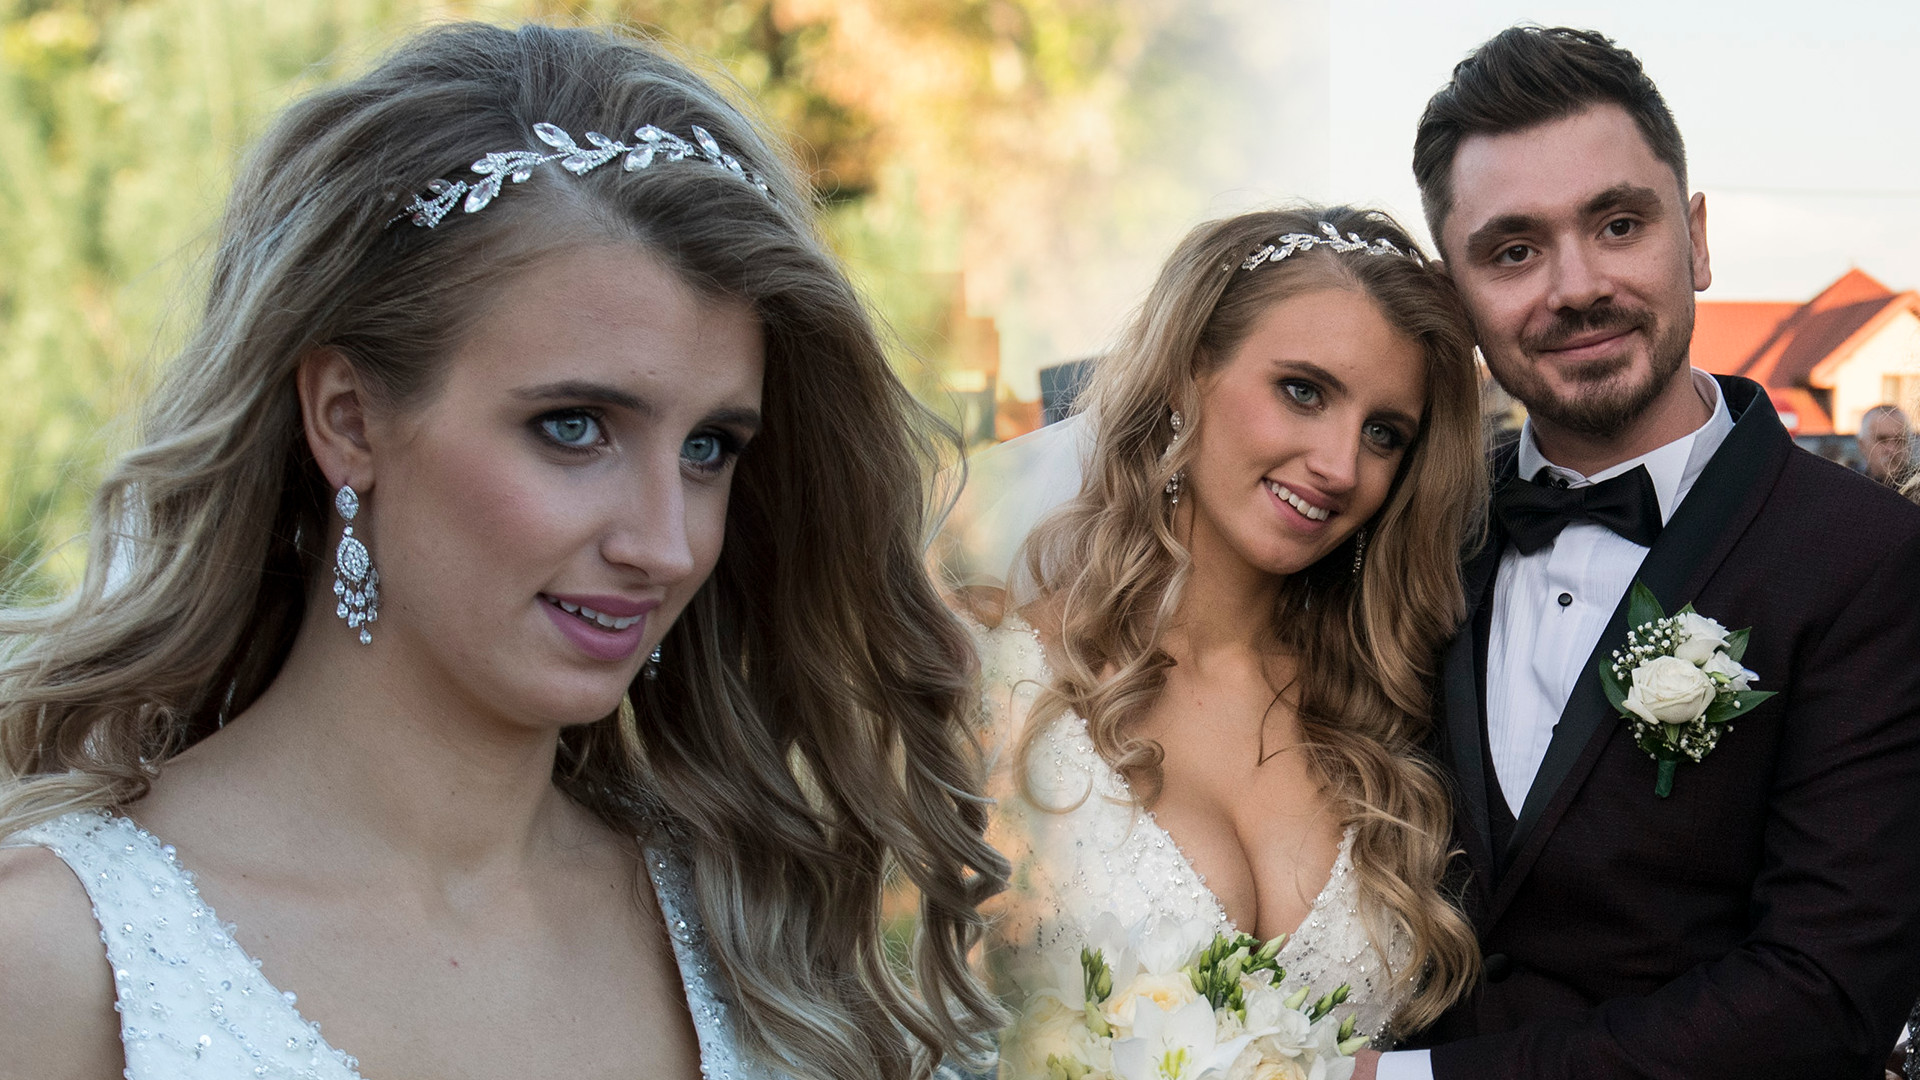 Daniel Martyniuk UPOKARZA byłą żonę dodając jej zdjęcie z plaży: Gdzie ja miałem oczy